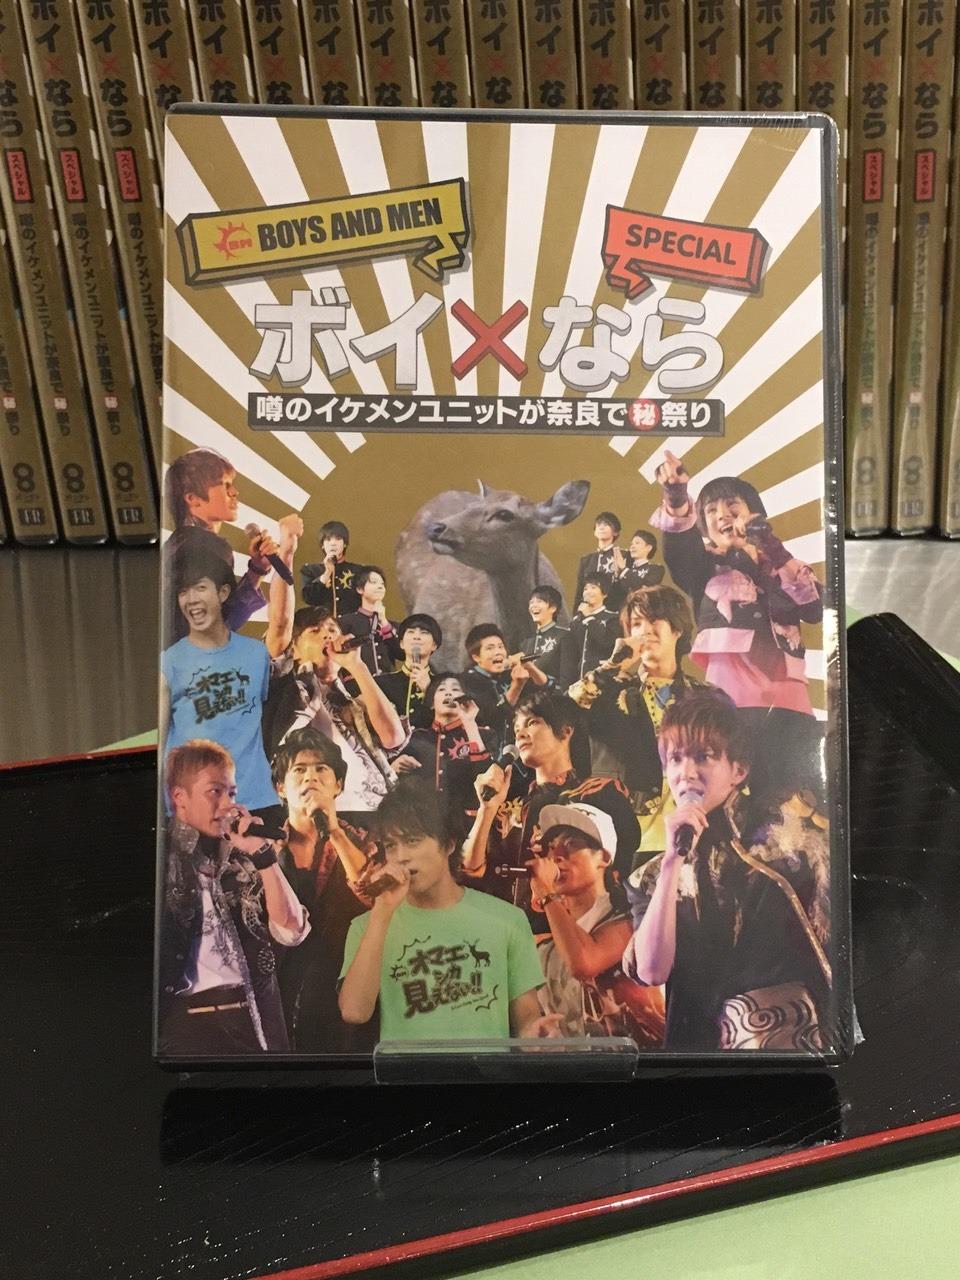 ボイ×ならSpecial DVD